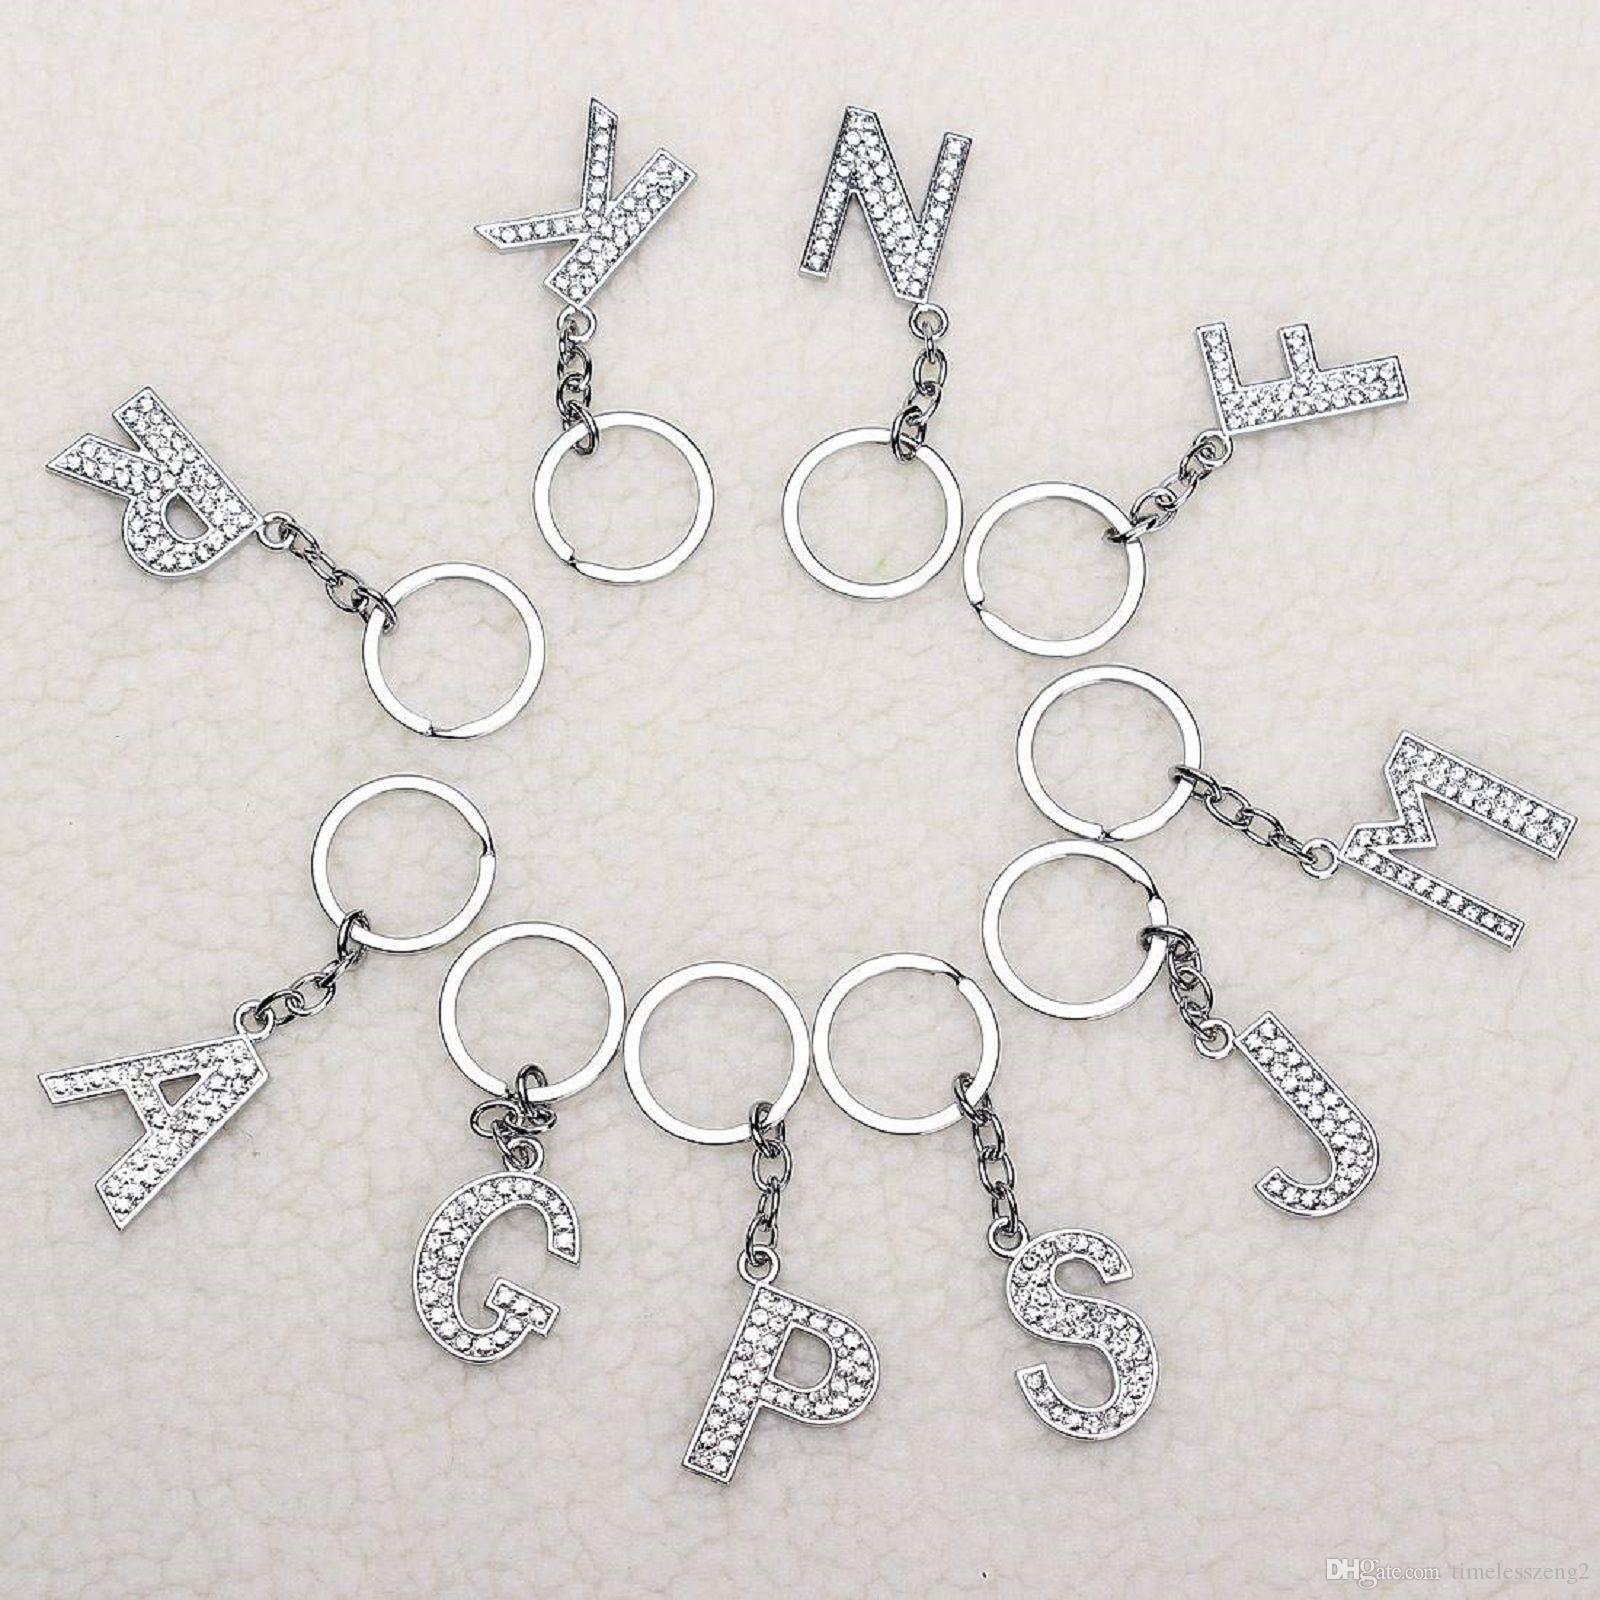 패션 새로운 크리스탈 라인 석 알파벳 키 링 금속 초기 문자 열쇠 고리 유니섹스 키 체인 26 글자